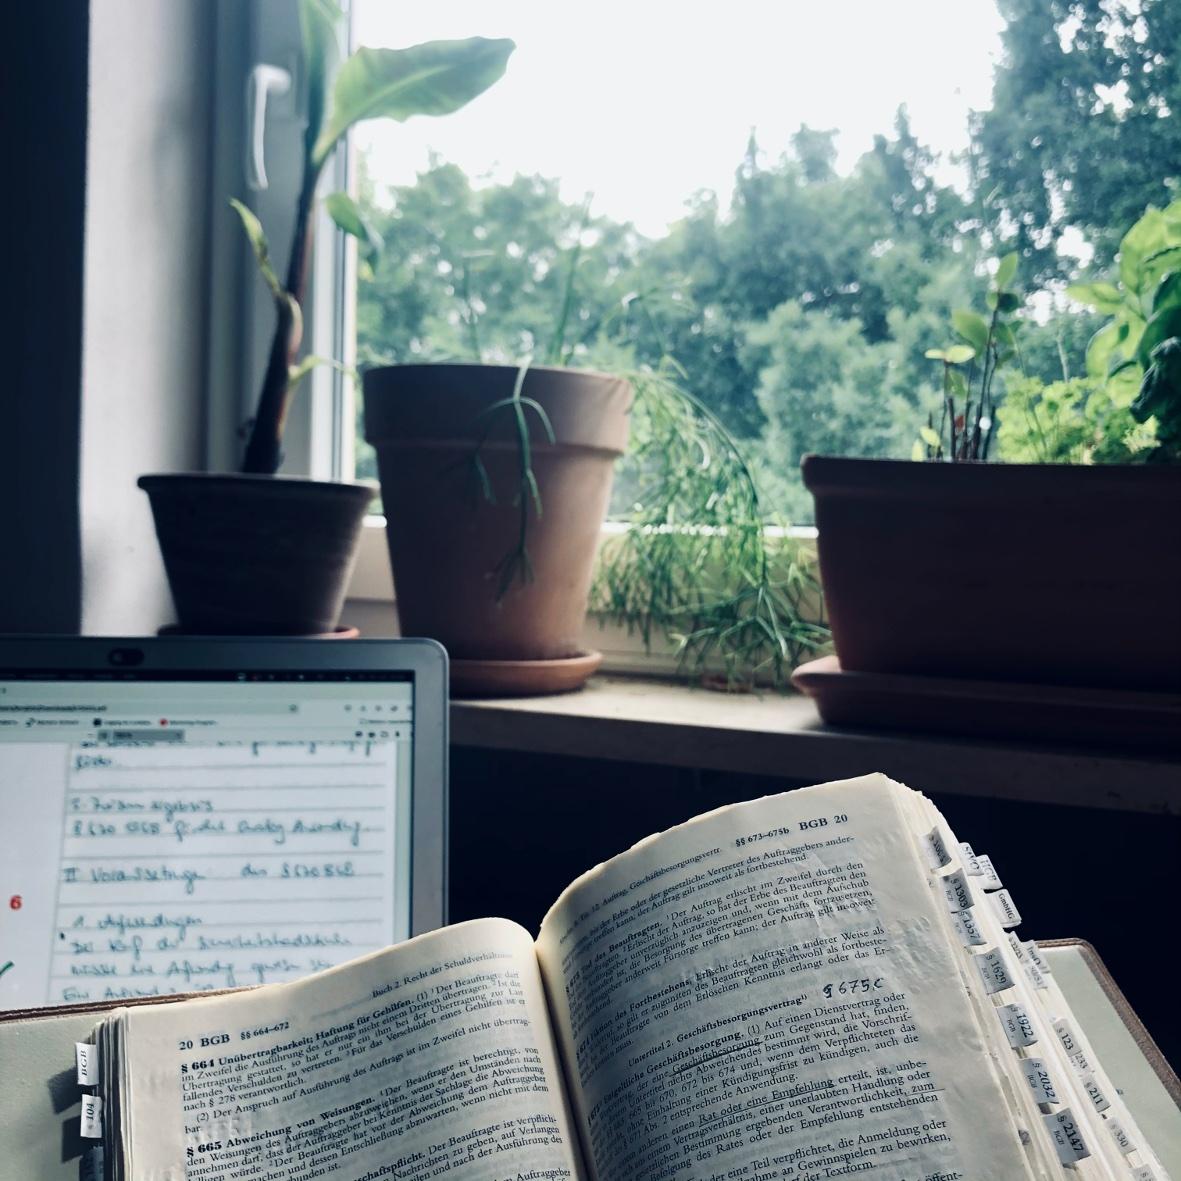 Auf dem Bild ist ein Schönfelder und ein Laptop mit einer Klausur zu sehen. Im Hintergrund befinden sich Büro-Pflanzen.